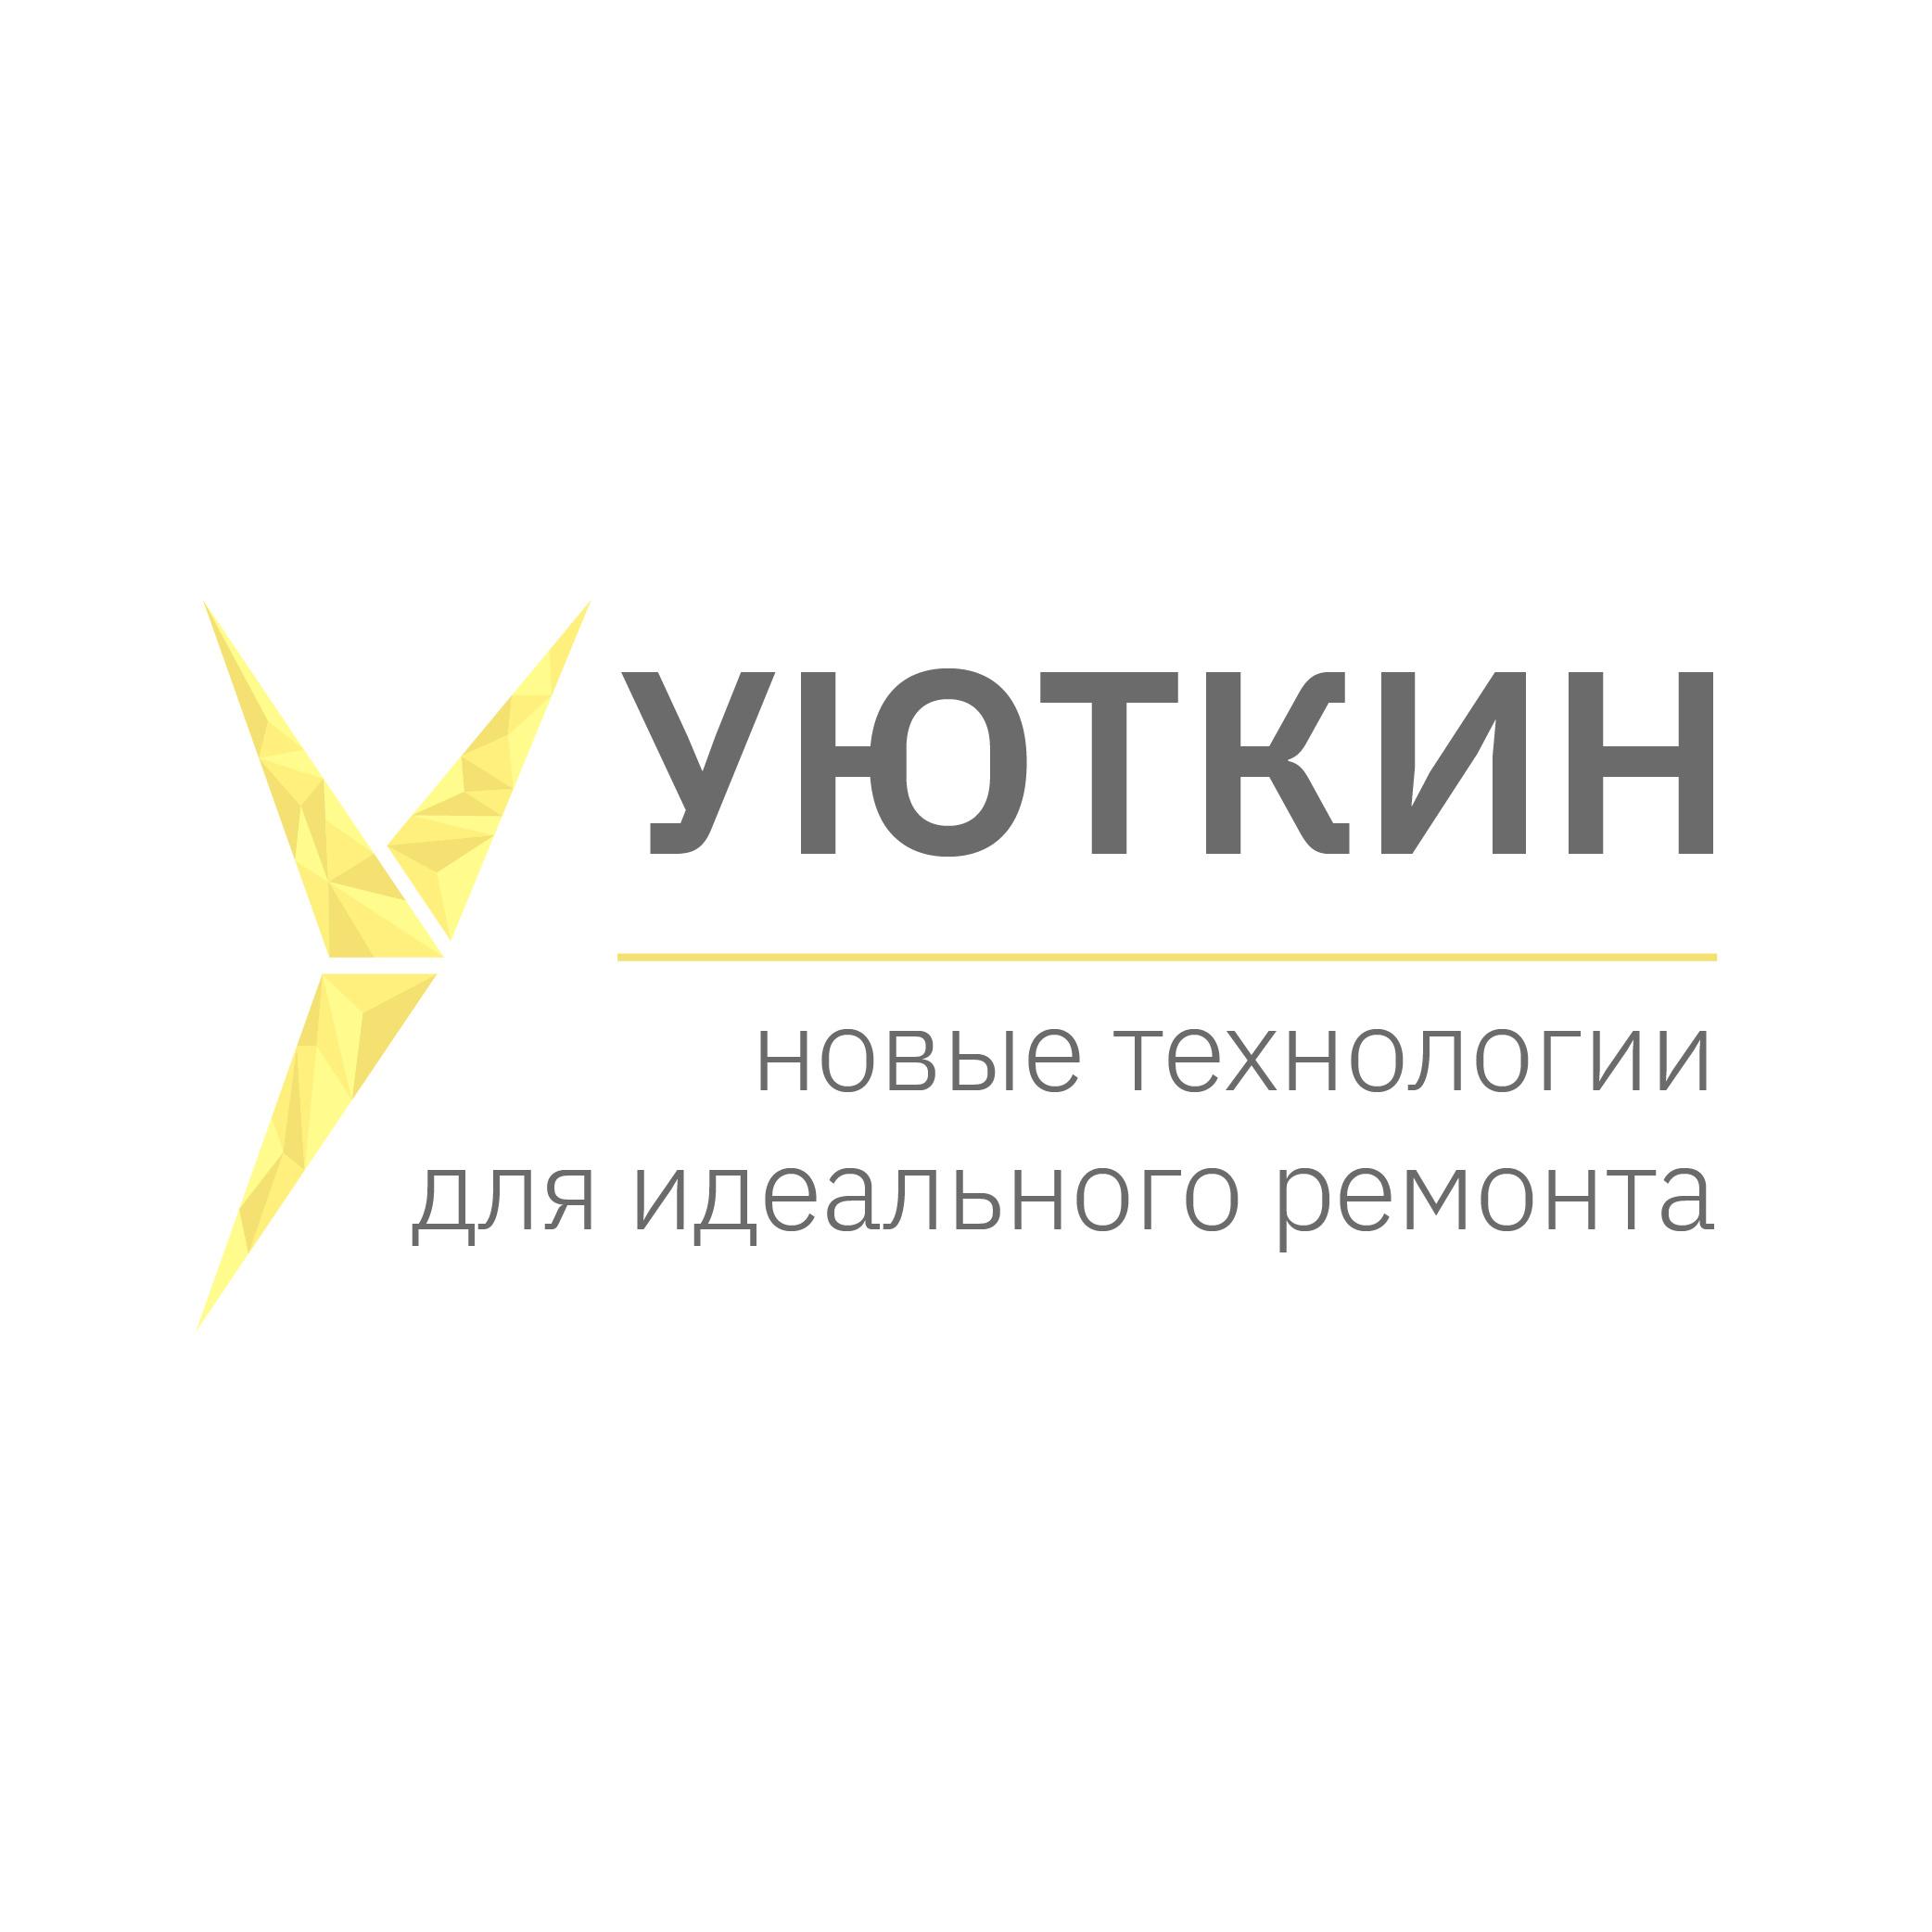 Создание логотипа и стиля сайта фото f_0365c62fb5d0a290.jpg